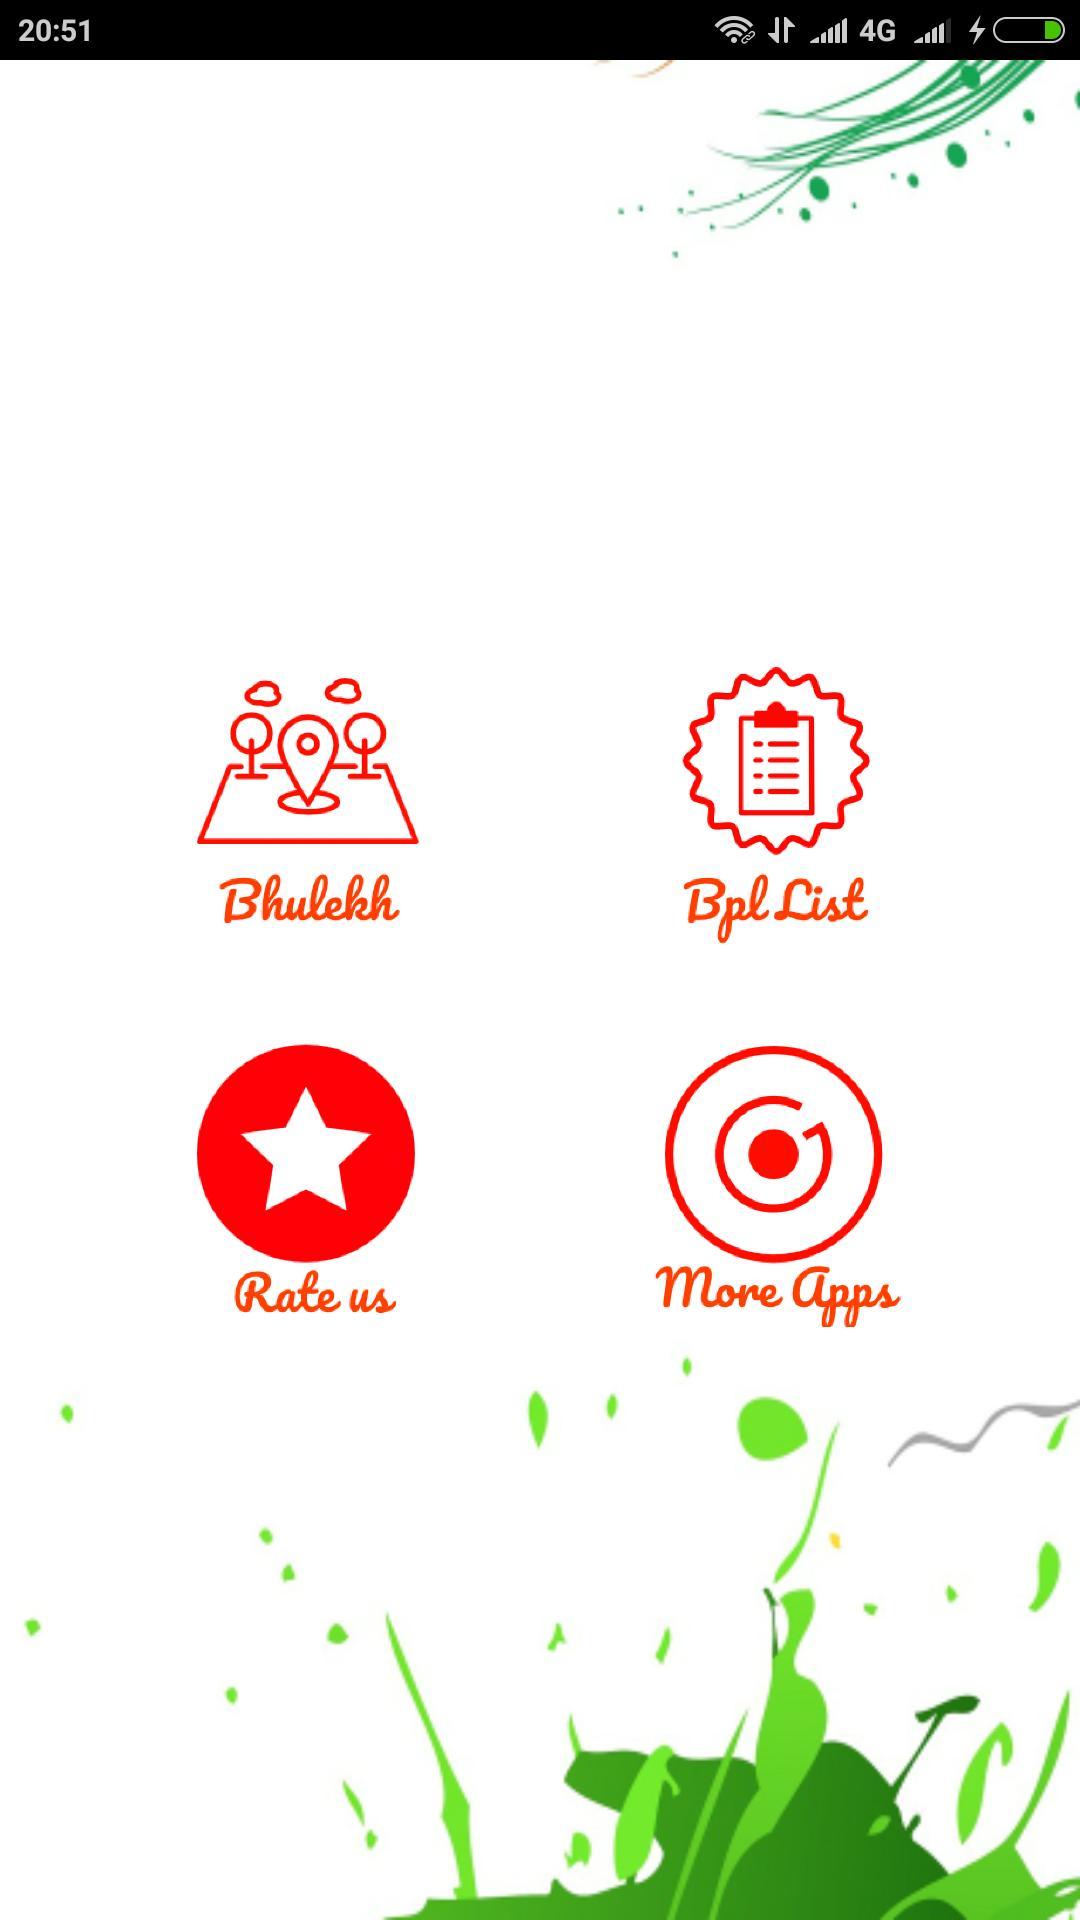 ಕರ್ನಾಟಕ ಭೂಮಿ - Karnataka Bhoomi Land Records poster